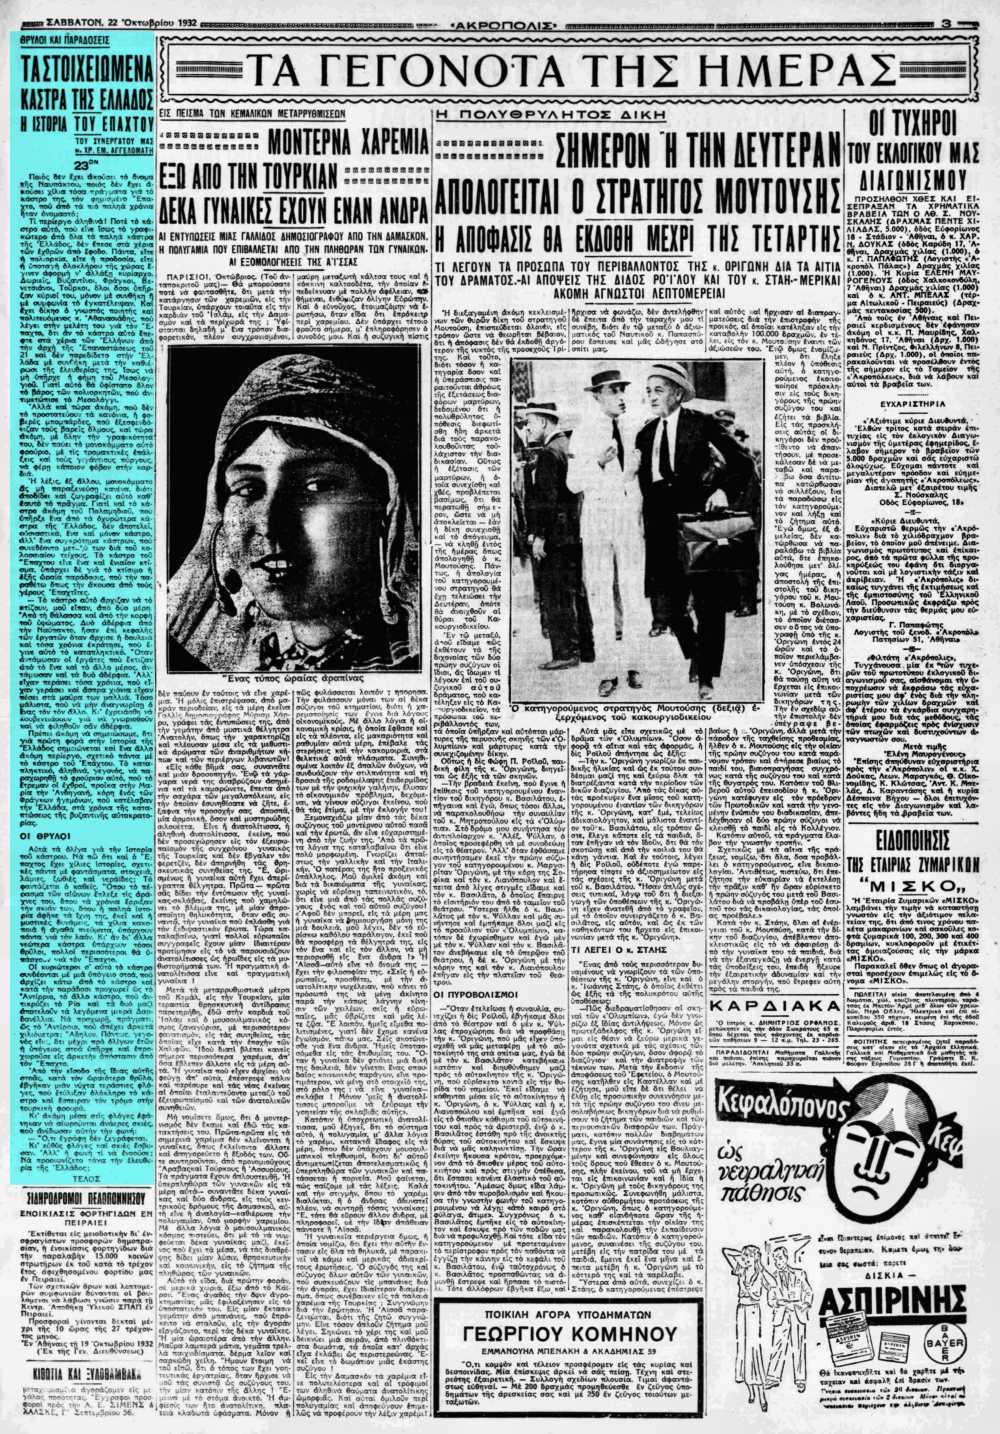 """Το άρθρο, όπως δημοσιεύθηκε στην εφημερίδα """"ΑΚΡΟΠΟΛΙΣ"""", στις 22/10/1932"""